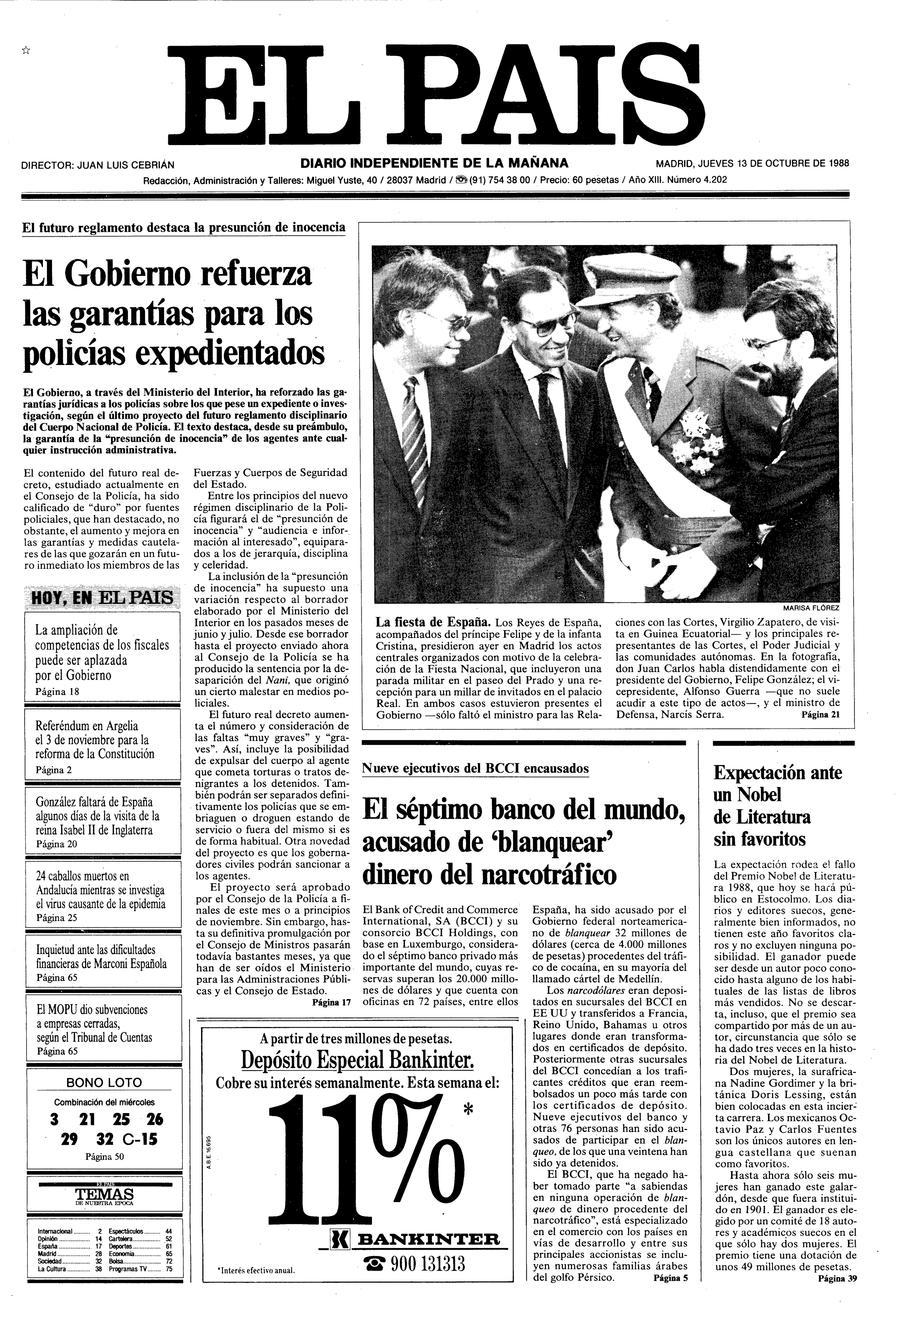 Portada 13 de Octubre de 1988 - Aniversario EL PAÍS